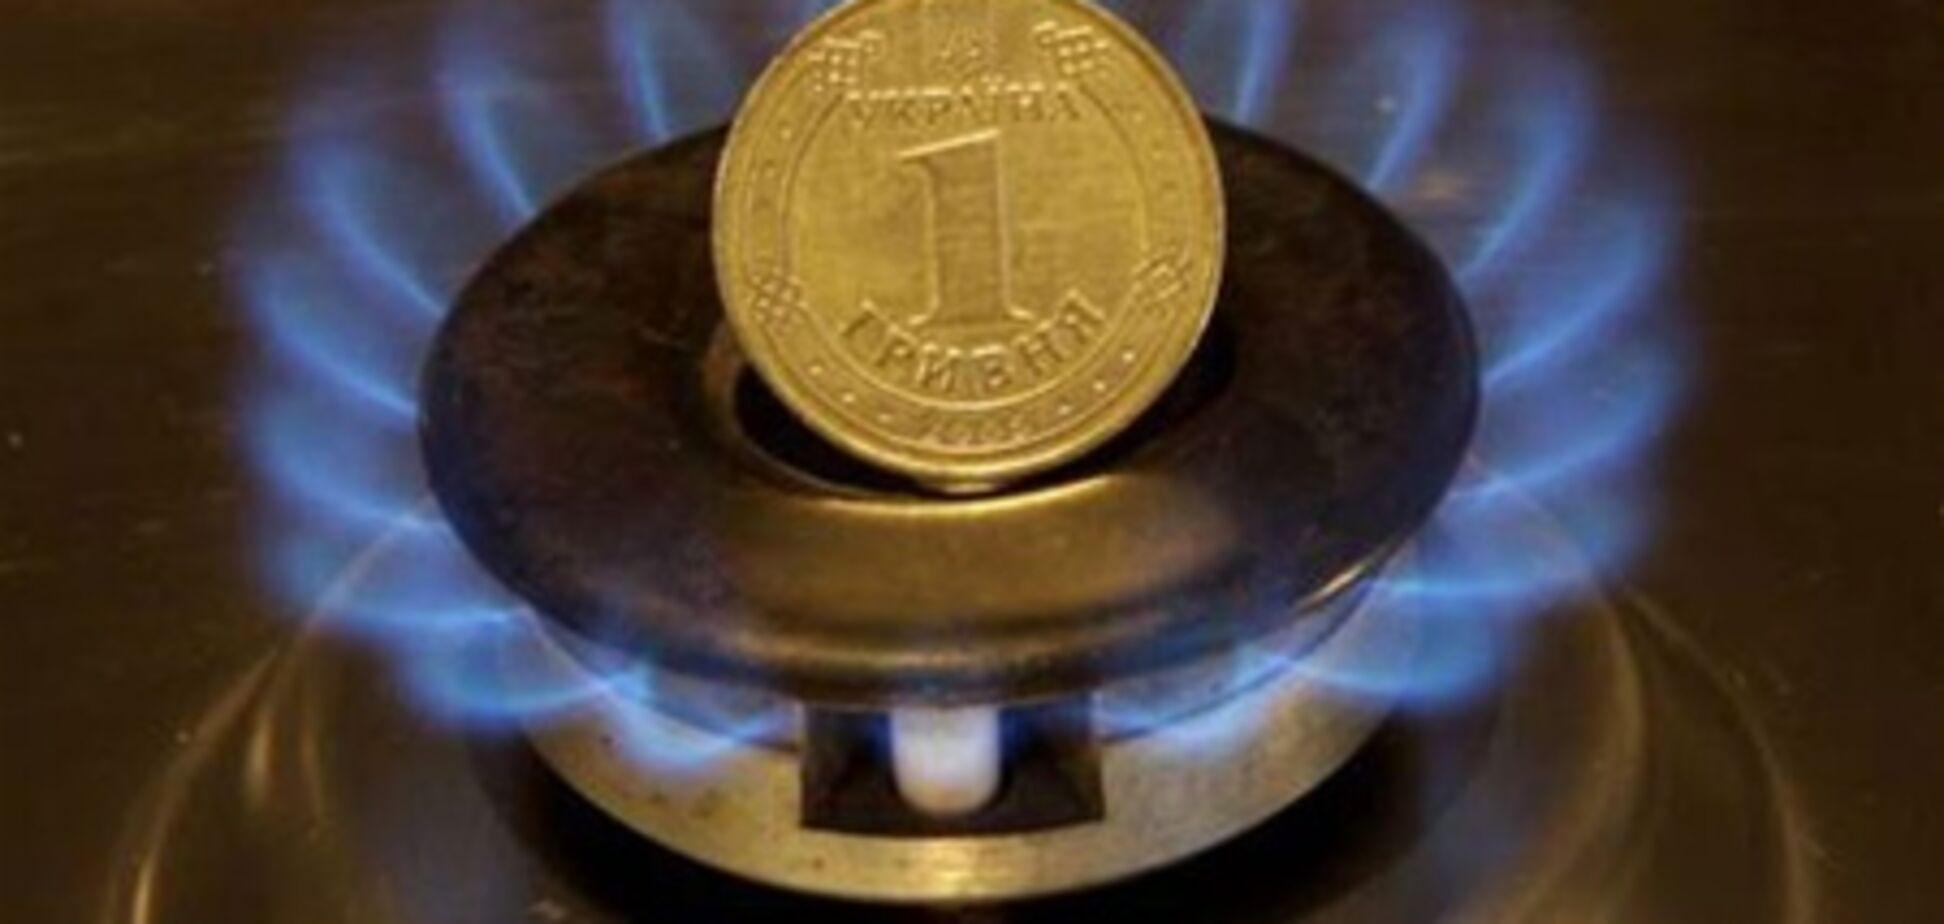 МВФ требует от Украины поднять цены на газ. Иначе транша не будет